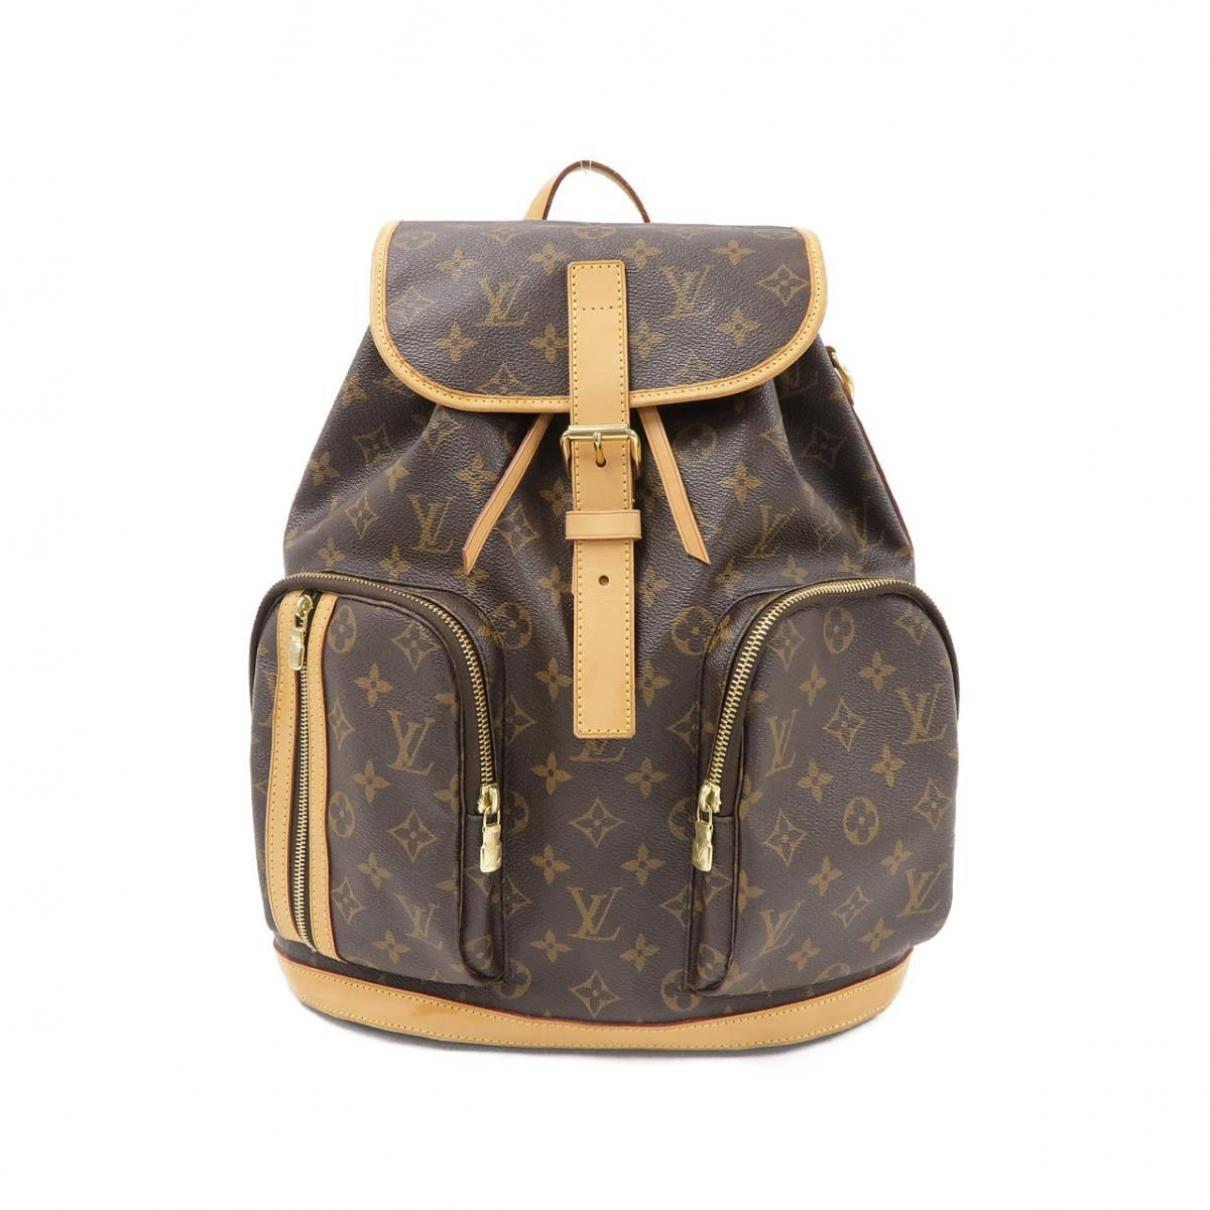 Louis Vuitton - Sac a dos Bosphore Backpack pour femme en toile - marron